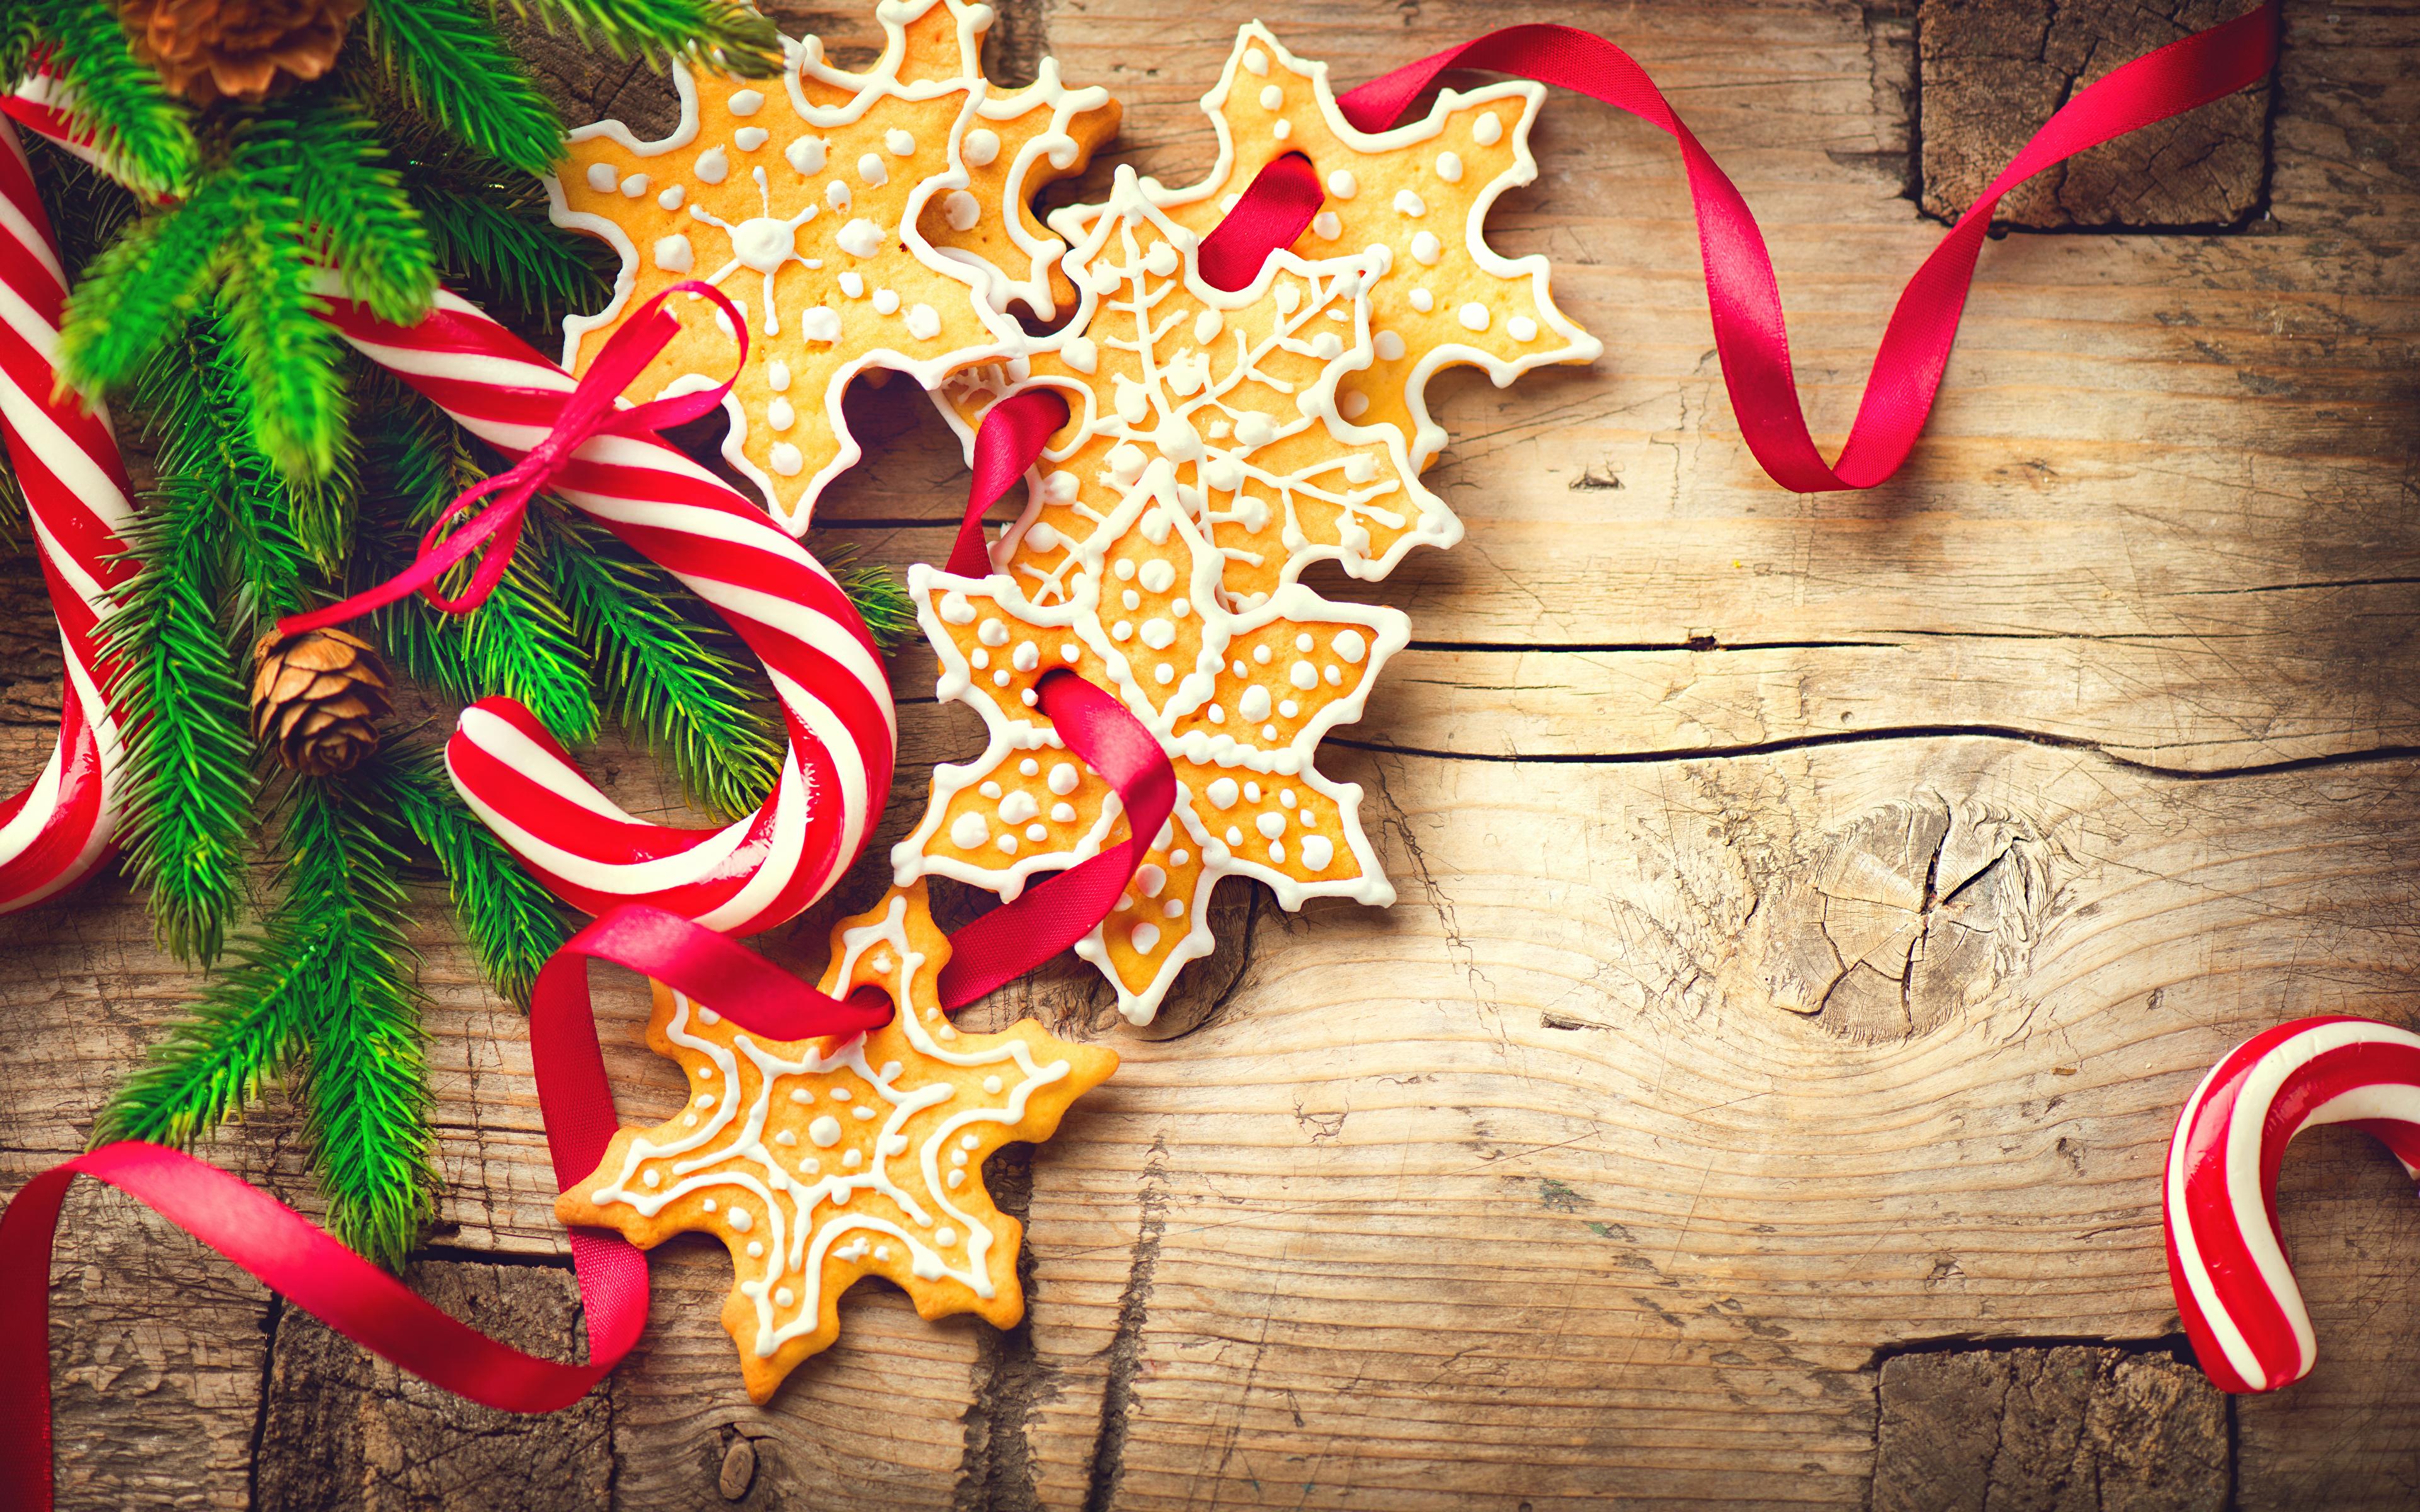 https://s1.1zoom.me/b5050/122/Christmas_Sweets_Cookies_509610_3840x2400.jpg